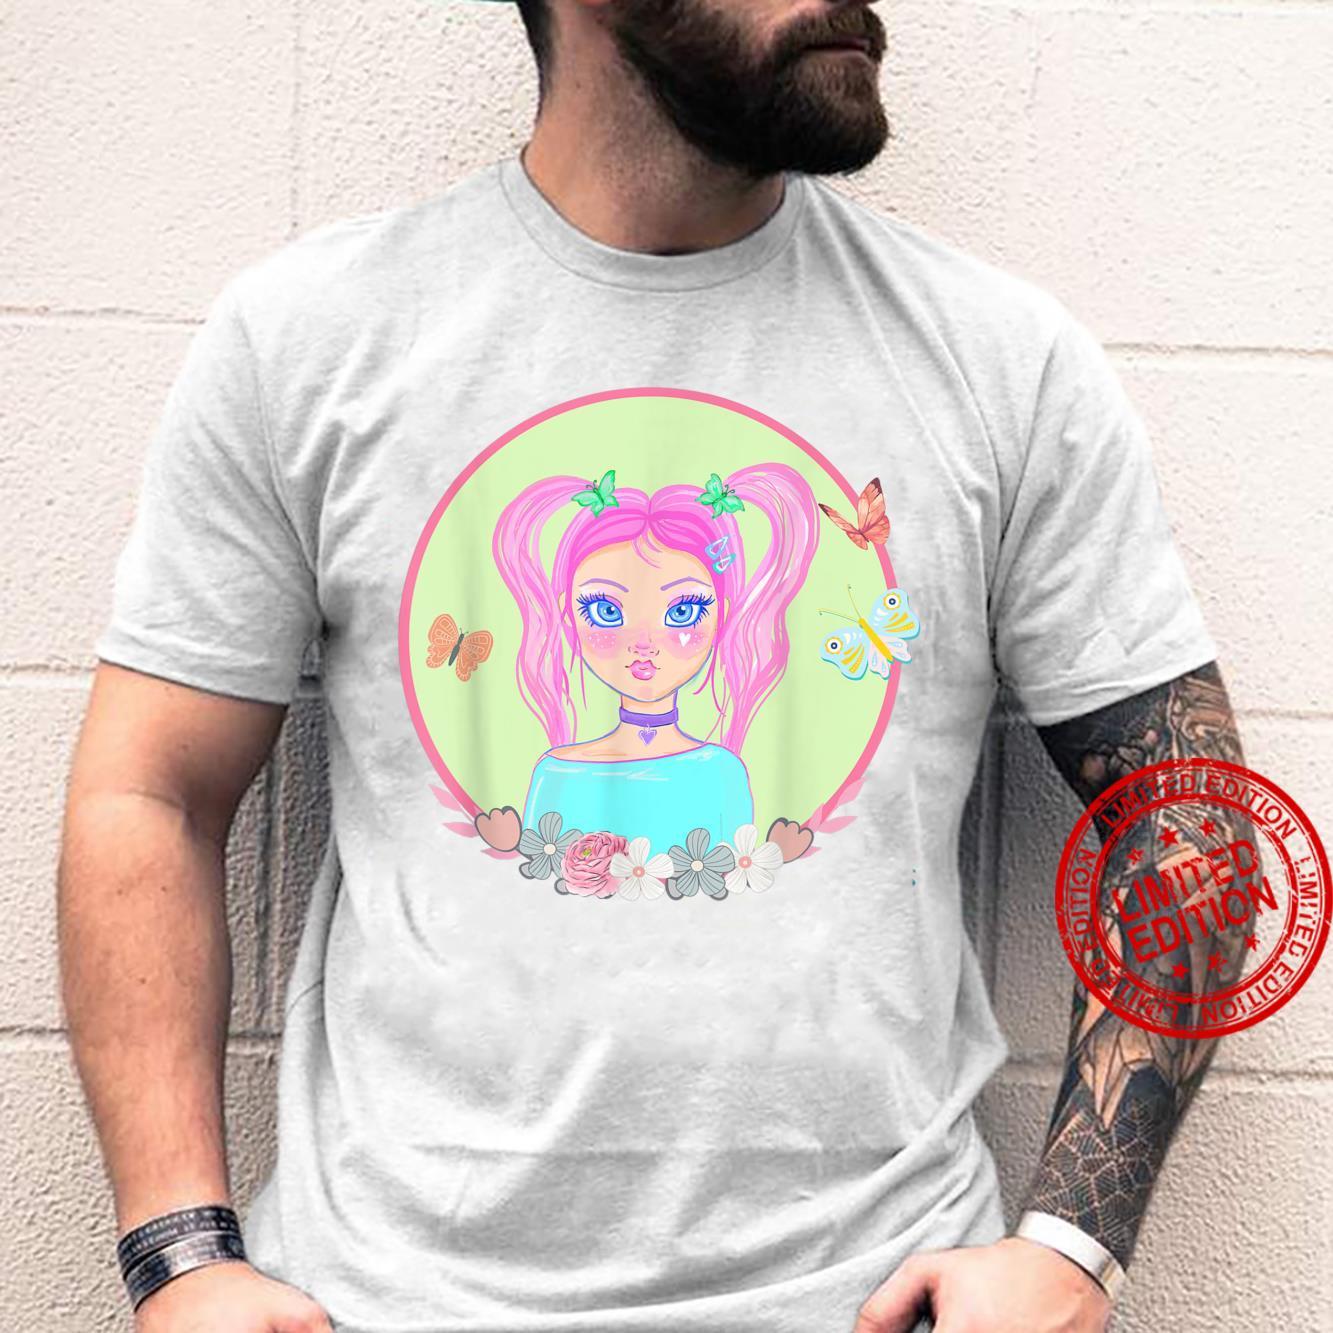 Soft Girl, Soft Girl Aesthetics, Butterflies, Pink Hair Shirt